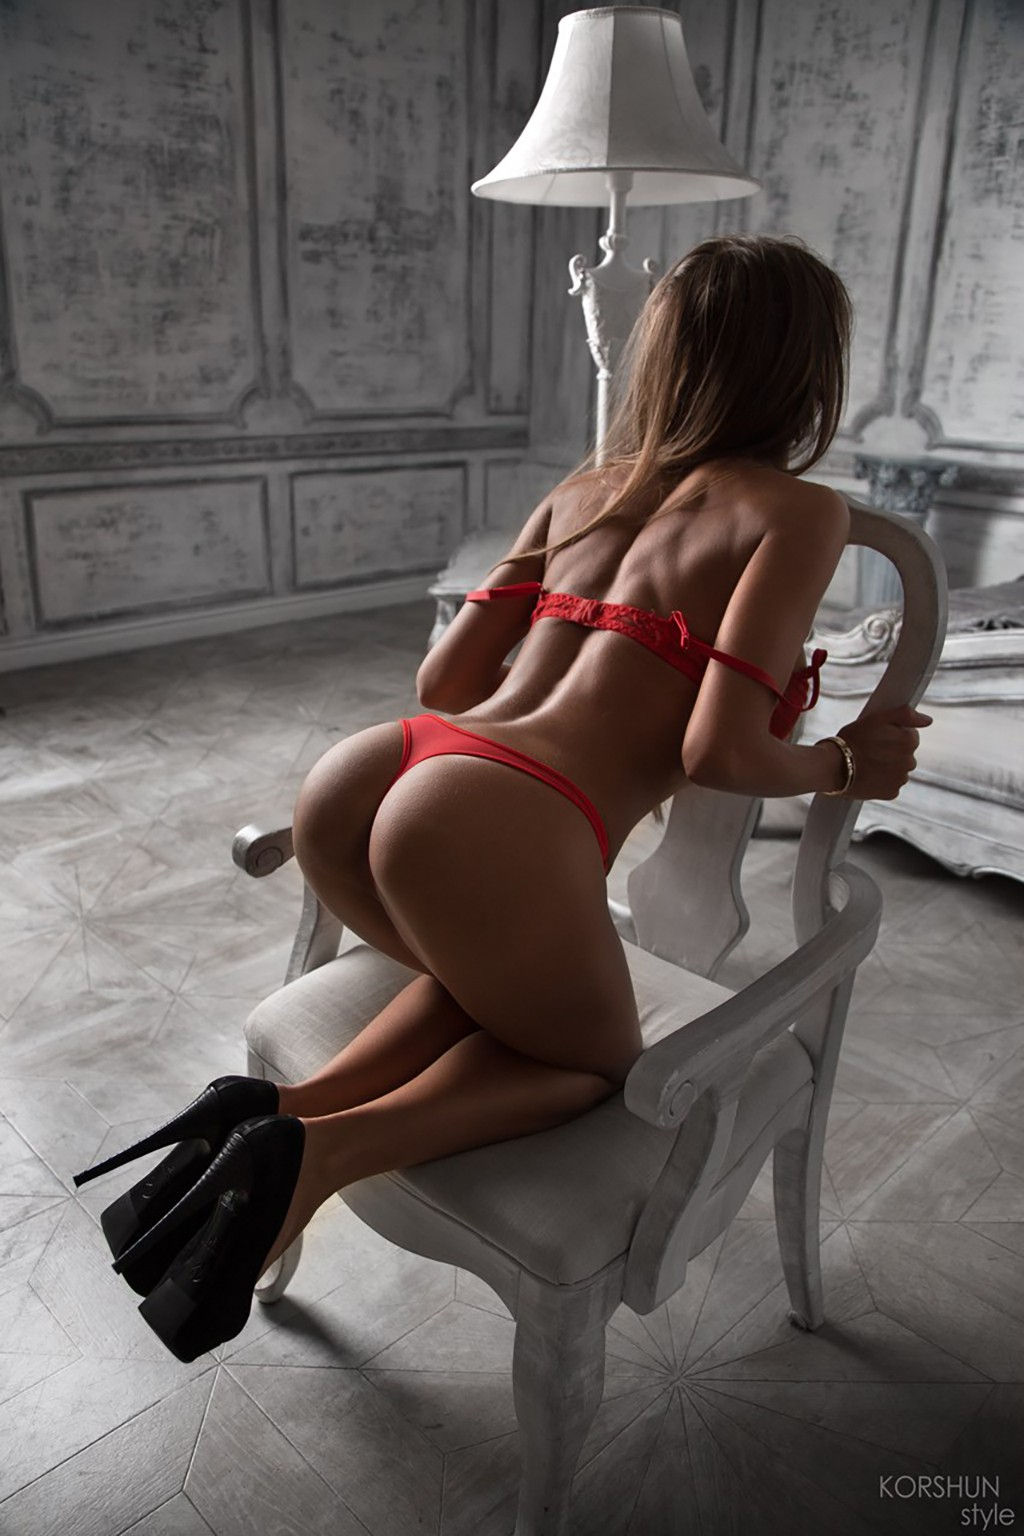 Morenaza con preciosa lenceria preparada para tener sexo